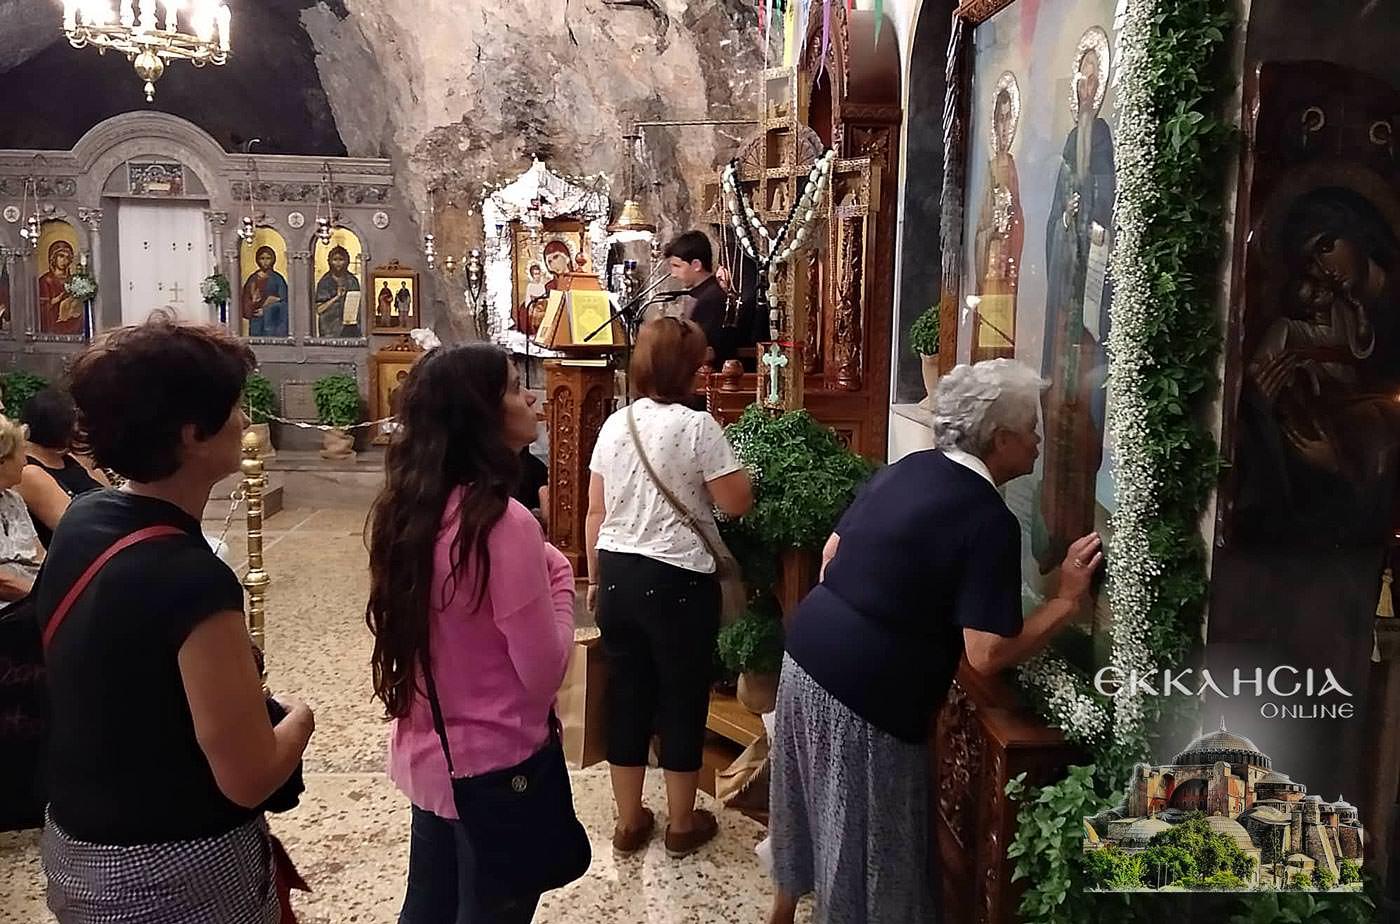 Ιερός Ναός Αγίων Ισιδώρων Λυκαβηττού Σταυρού 2019